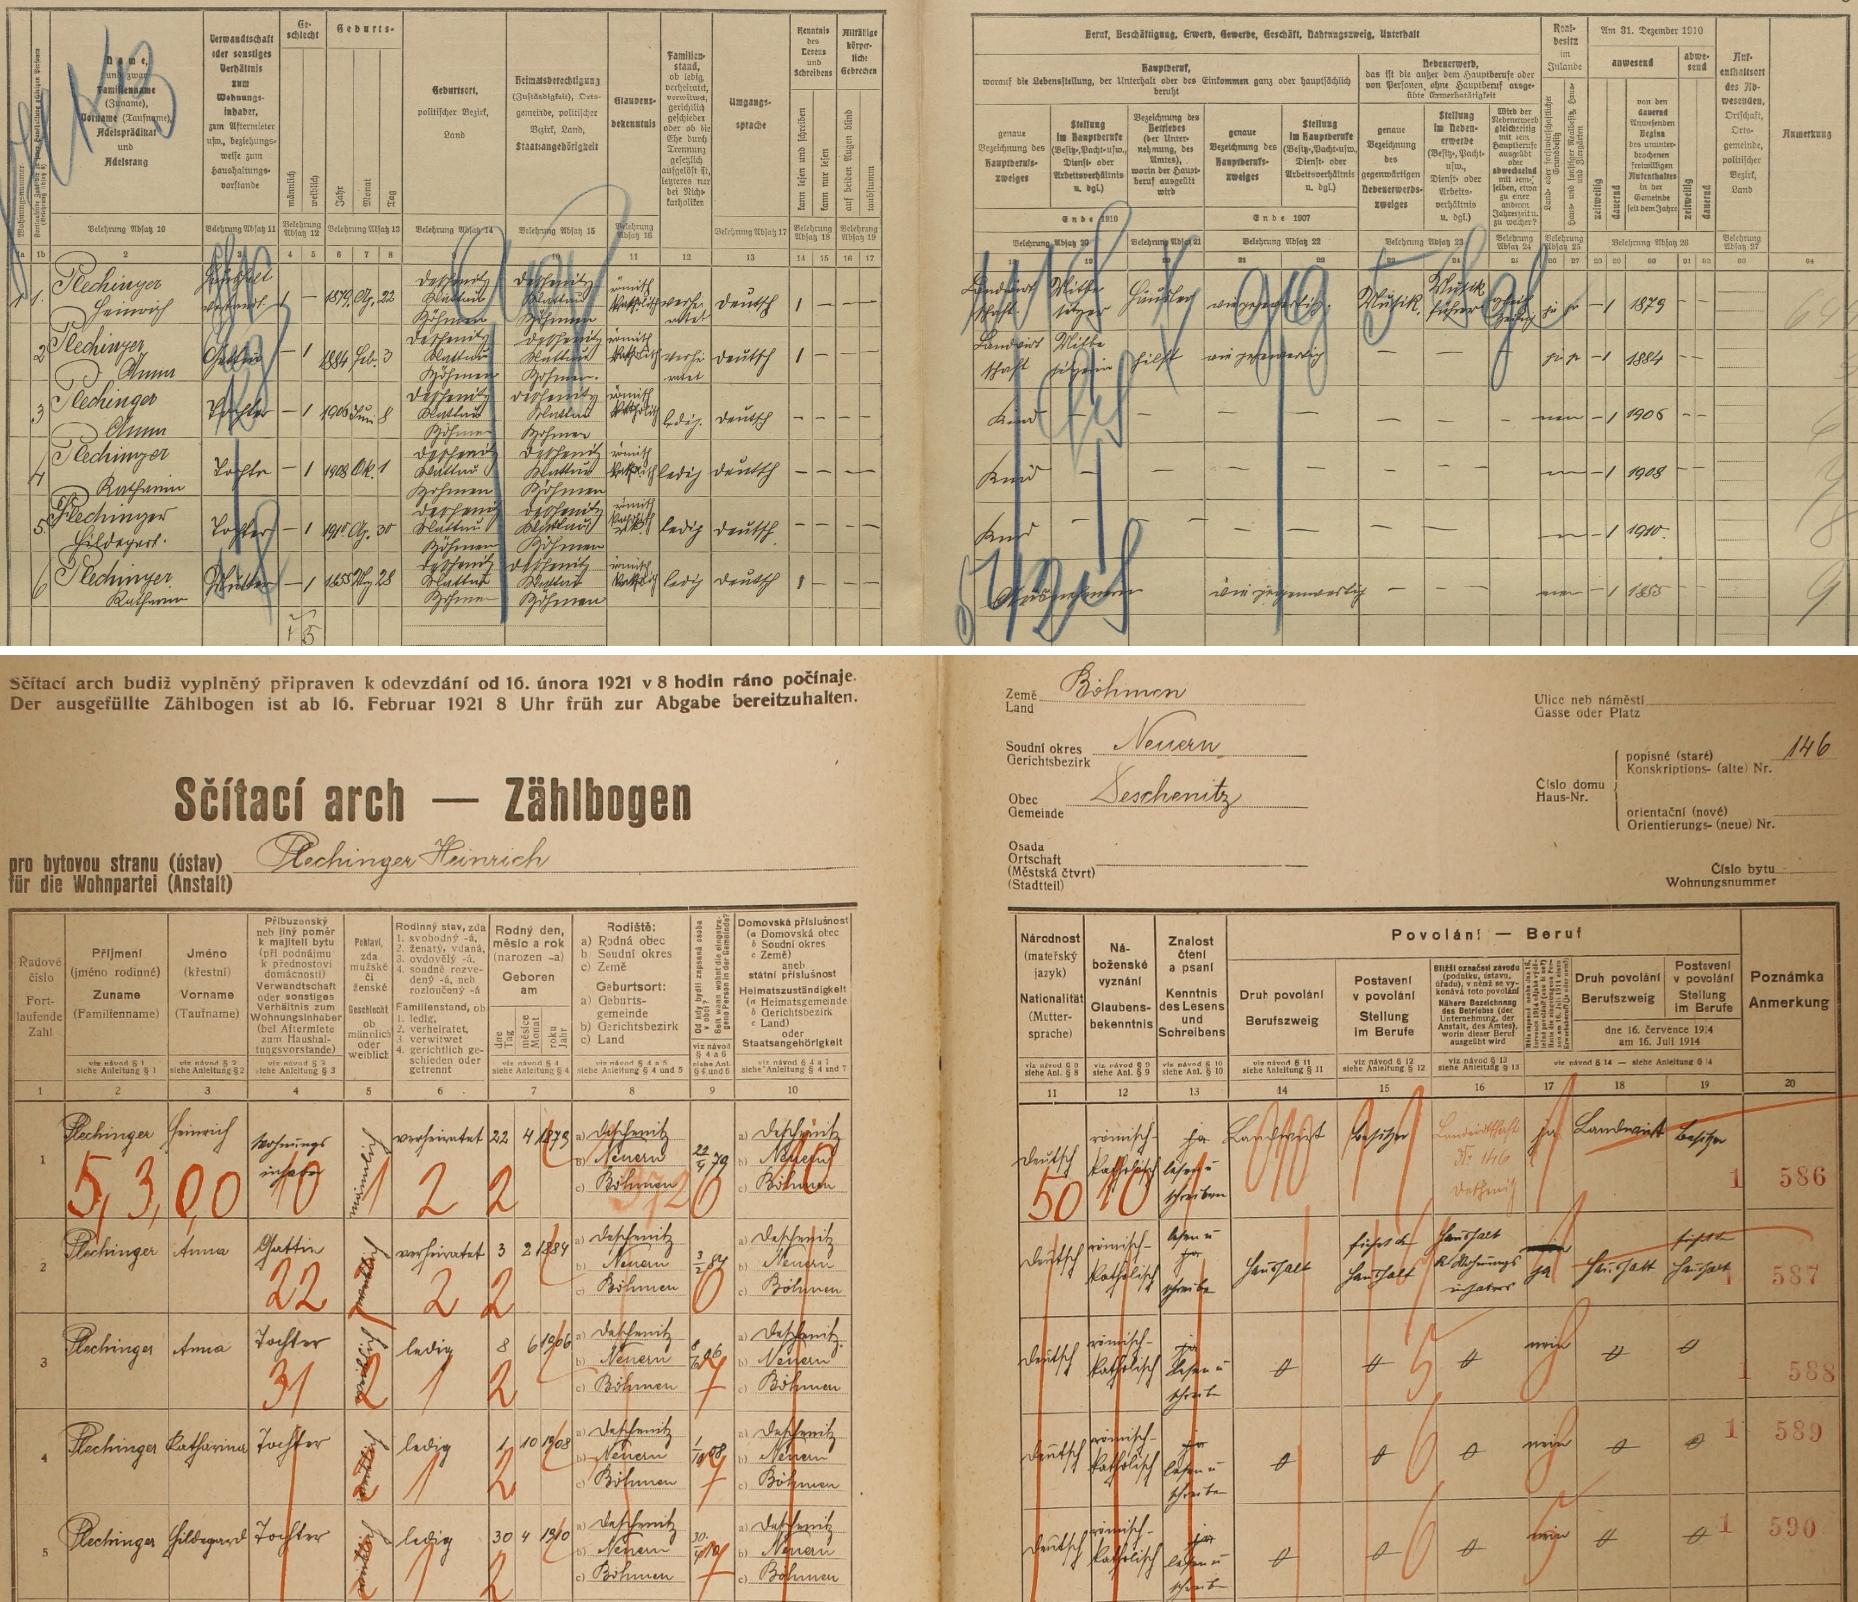 Na arších sčítání lidu z let 1910 a 1921 je Heinrich Plechinger uveden jako majitel domu